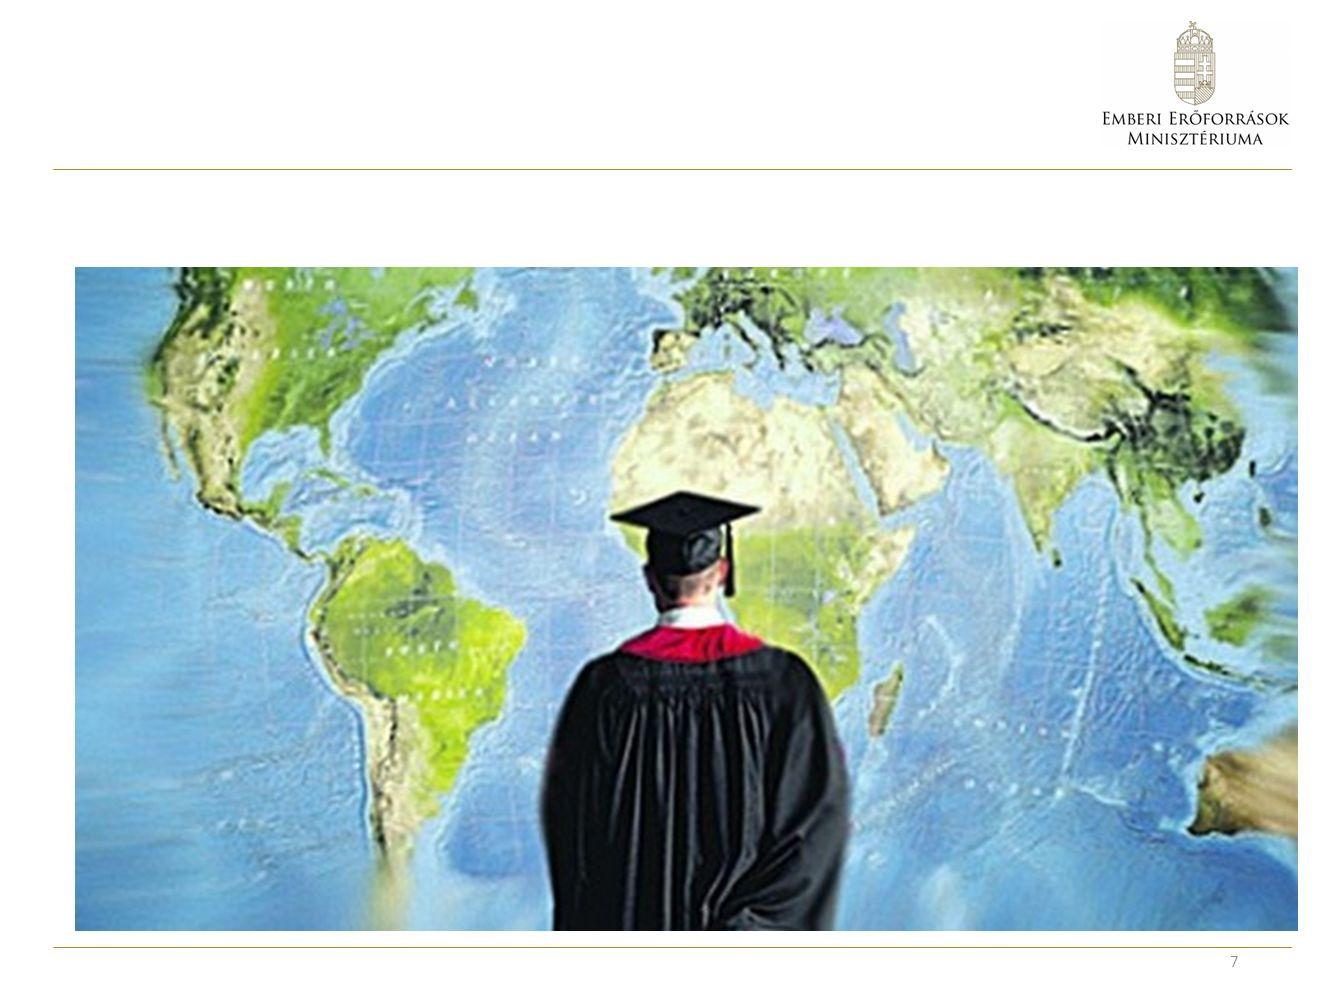 Az osztatlan tanárképzés rendszere Képzés indítása: 2013/14-es tanév Pályaalkalmassági vizsga kötelező 2 szakos a közismereti tanárképzés 1 szakos a művészeti/szakmai tanárképzés Mestertanári oklevelet kap a hallgató mindkét képzési formánál.